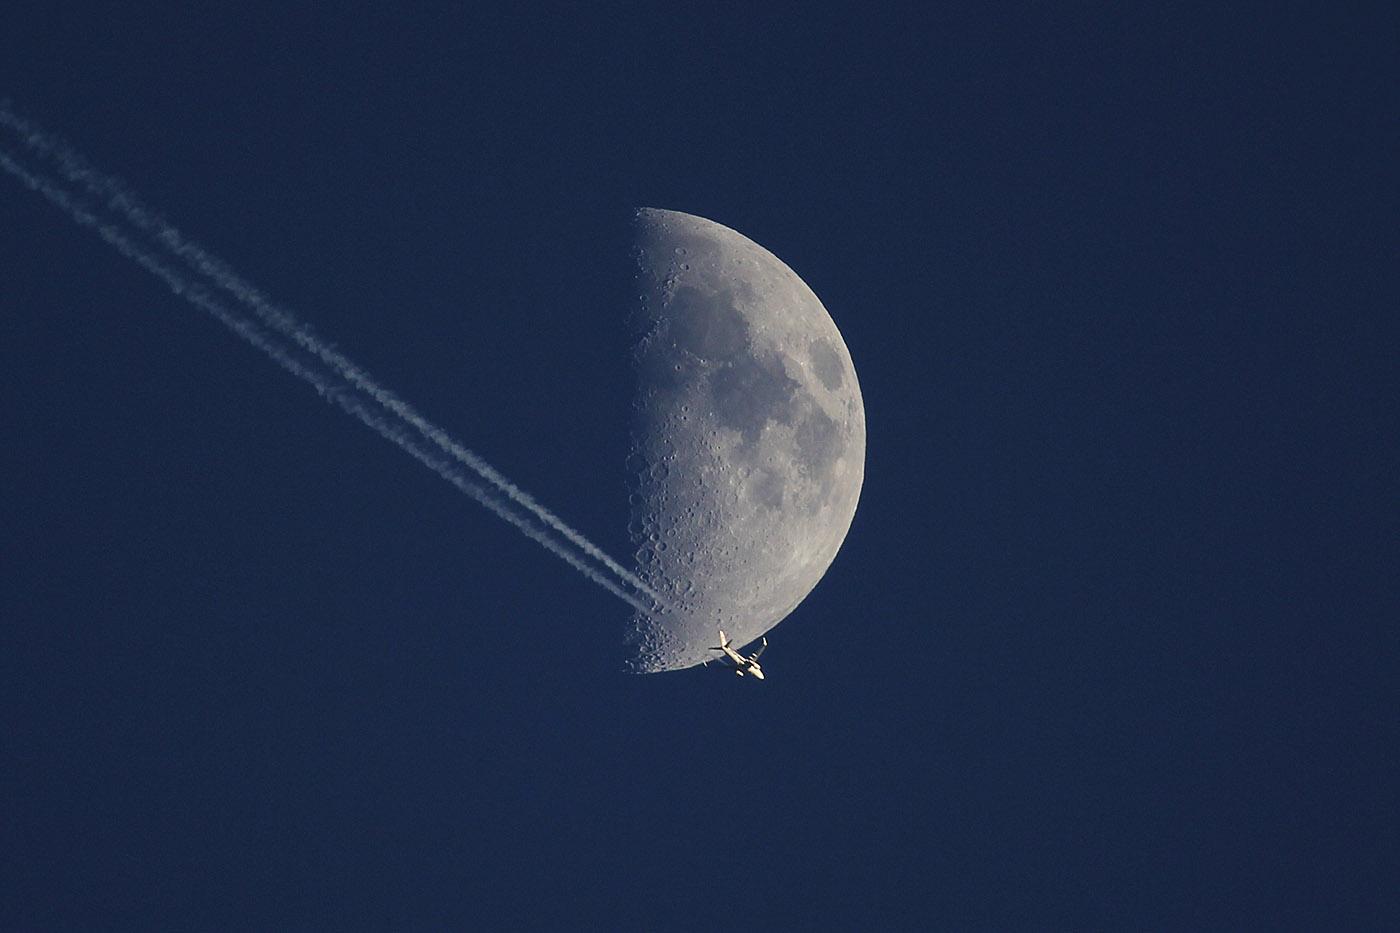 Der Mond und der Flieger